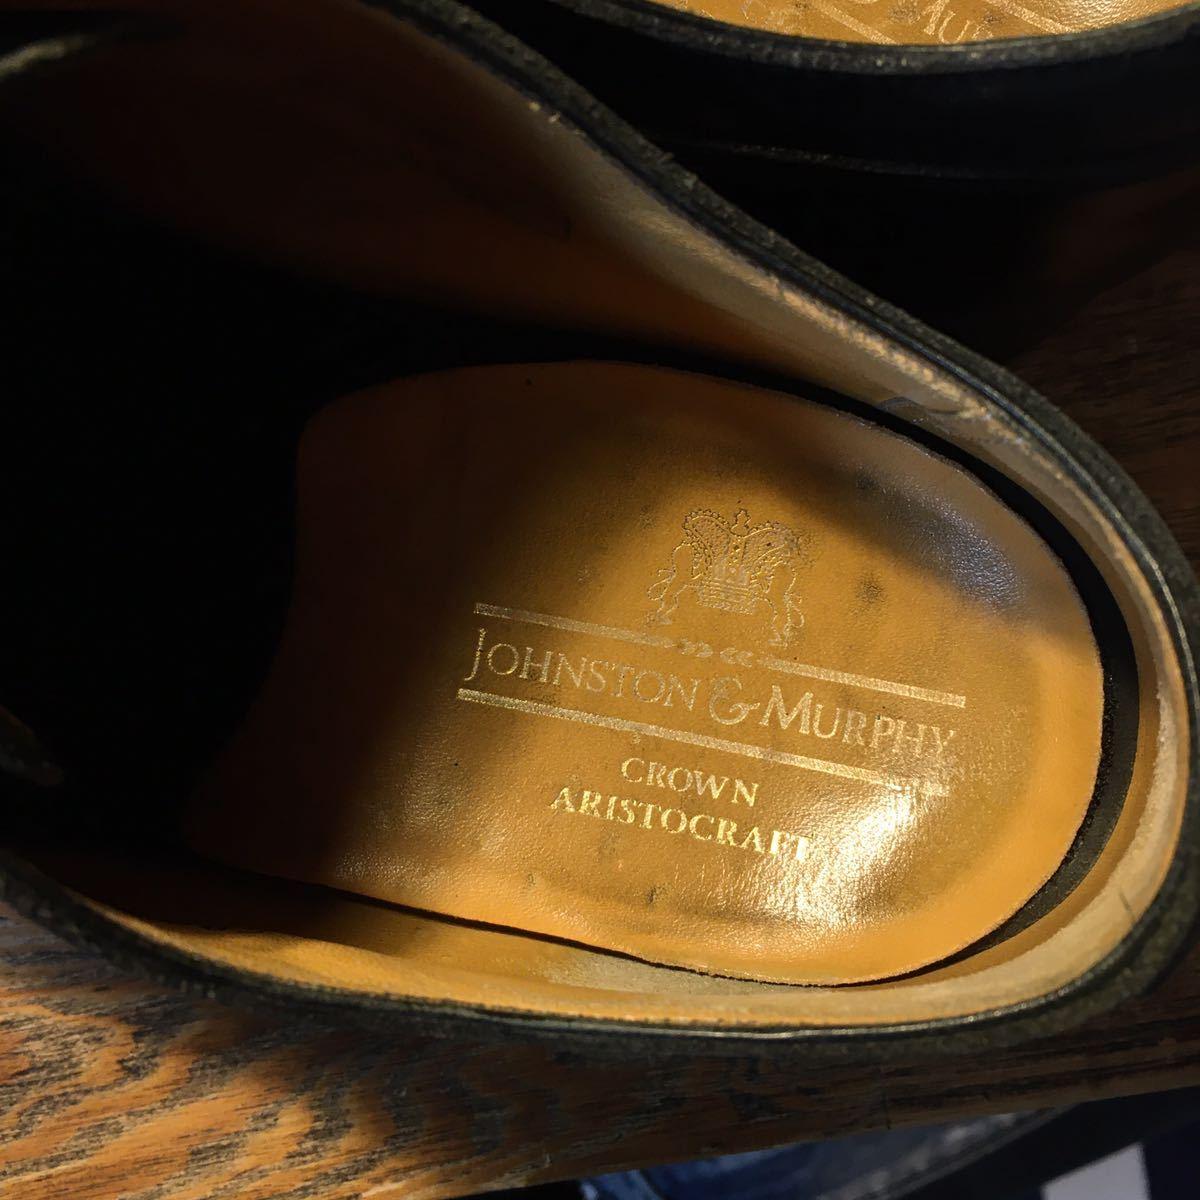 JOHNSTON&MURPHY ジョンストン&マーフィー 革靴 ビジネスシューズ 黒 本革 レザーシューズ ドレスシューズ ビブラムソール vibram_画像10